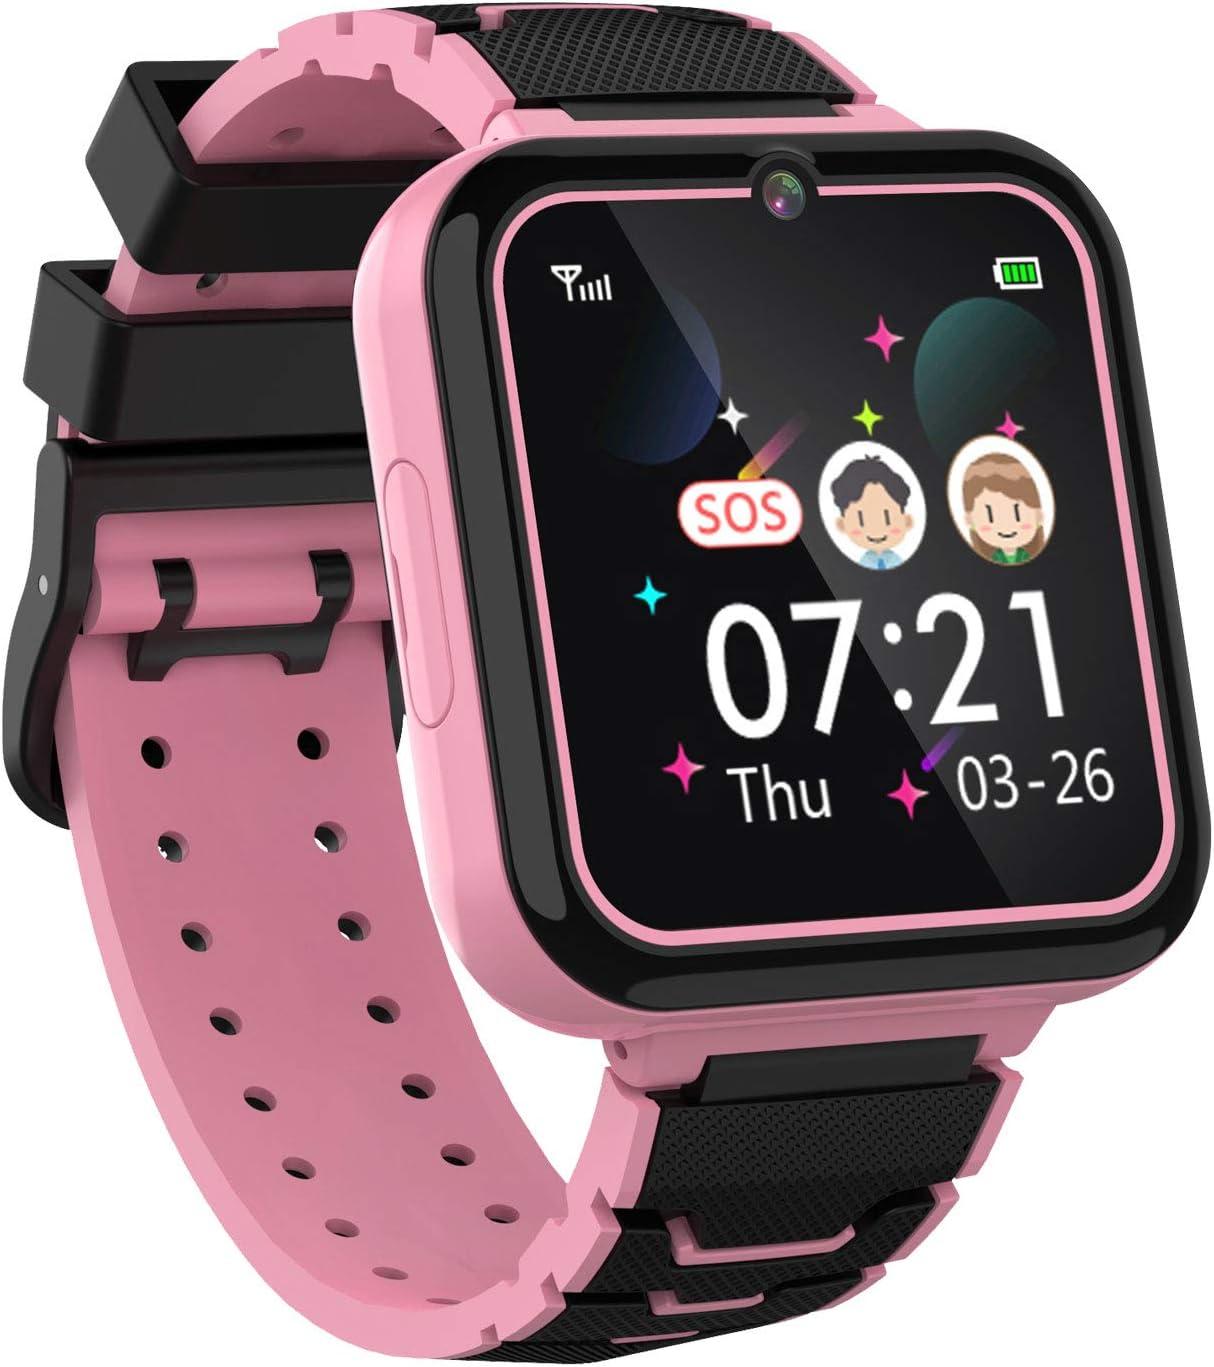 Teléfono Smartwatch para Niños Niñas - Pantalla Táctil de 1.57 ' Con llamada Telefónica SOS Juegos Reproductor de Música Cámara Despertador como Regalo de Cumpleaños para Alumno (ROSADO)